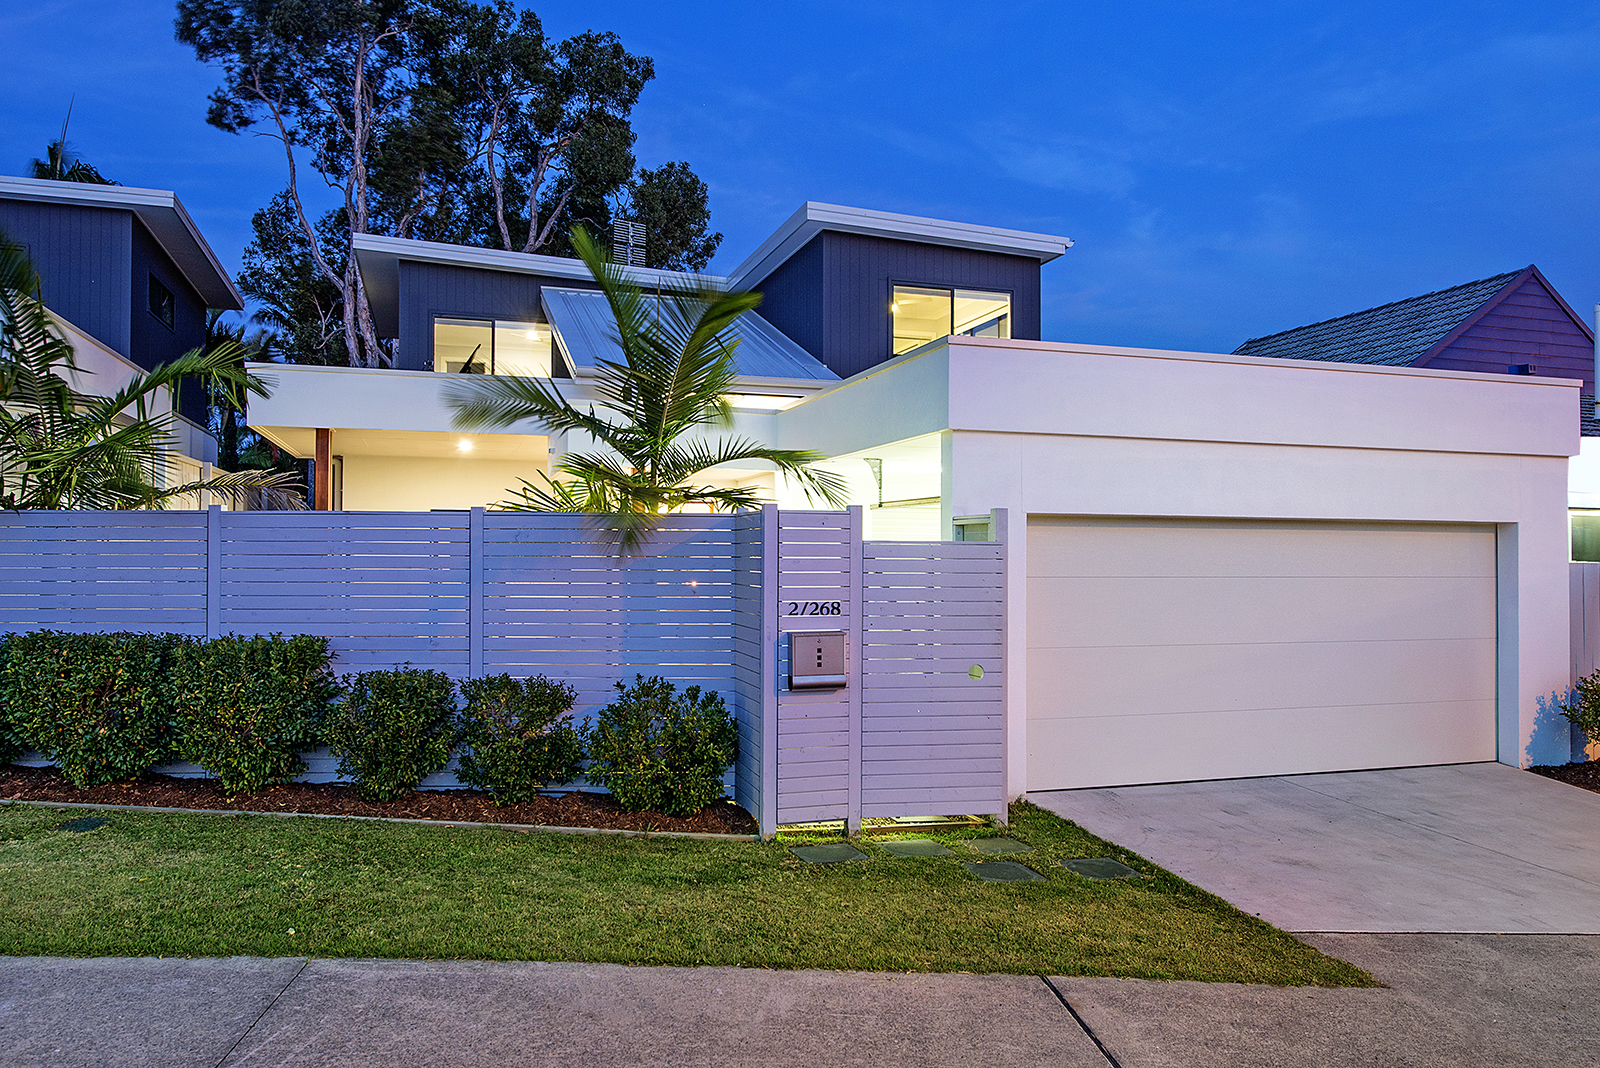 2/268 Benowa Road, Benowa QLD 4217, Image 0